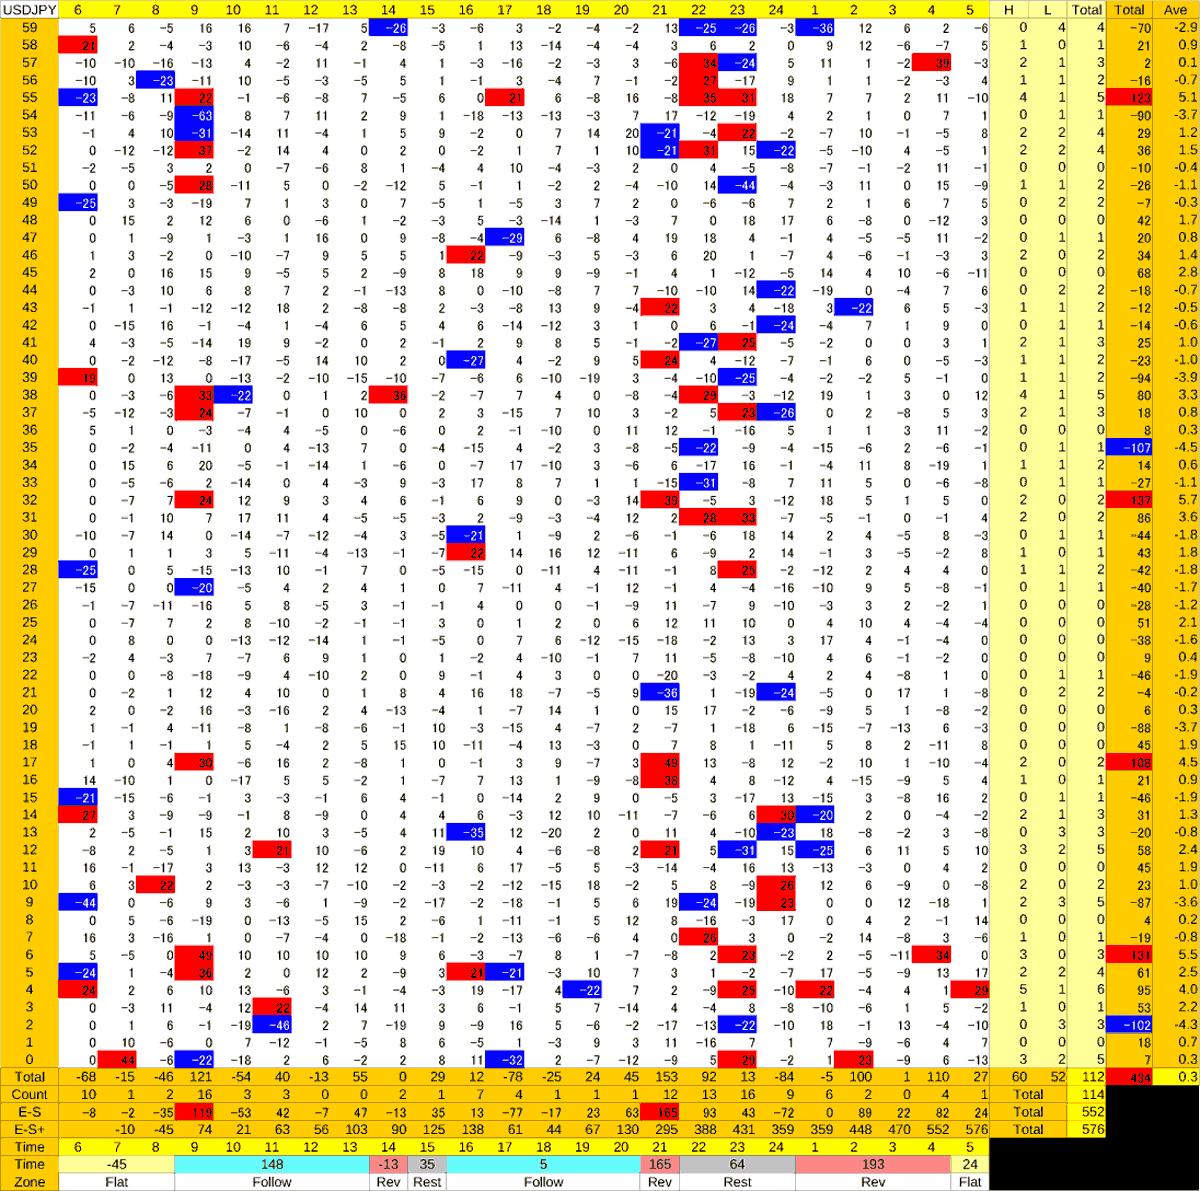 20200624_HS(1)USDJPY